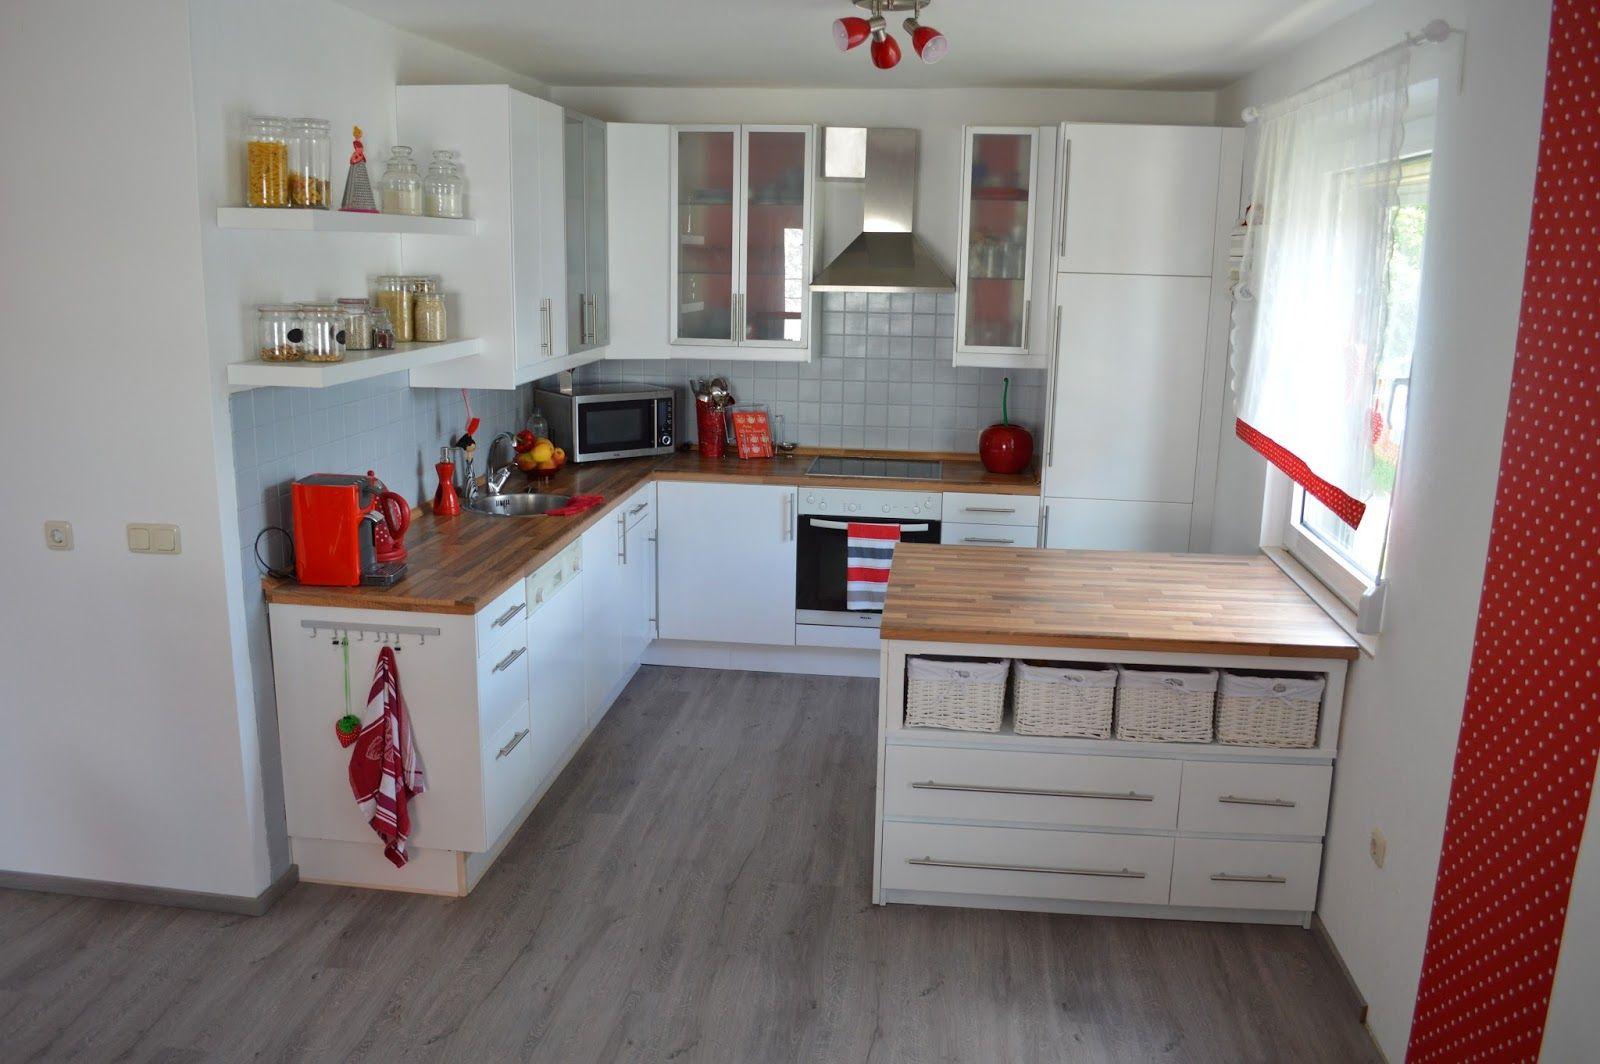 DSC_0568.JPG 1,600×1,064 pixels | Kitchens | Pinterest | Neue küche ...